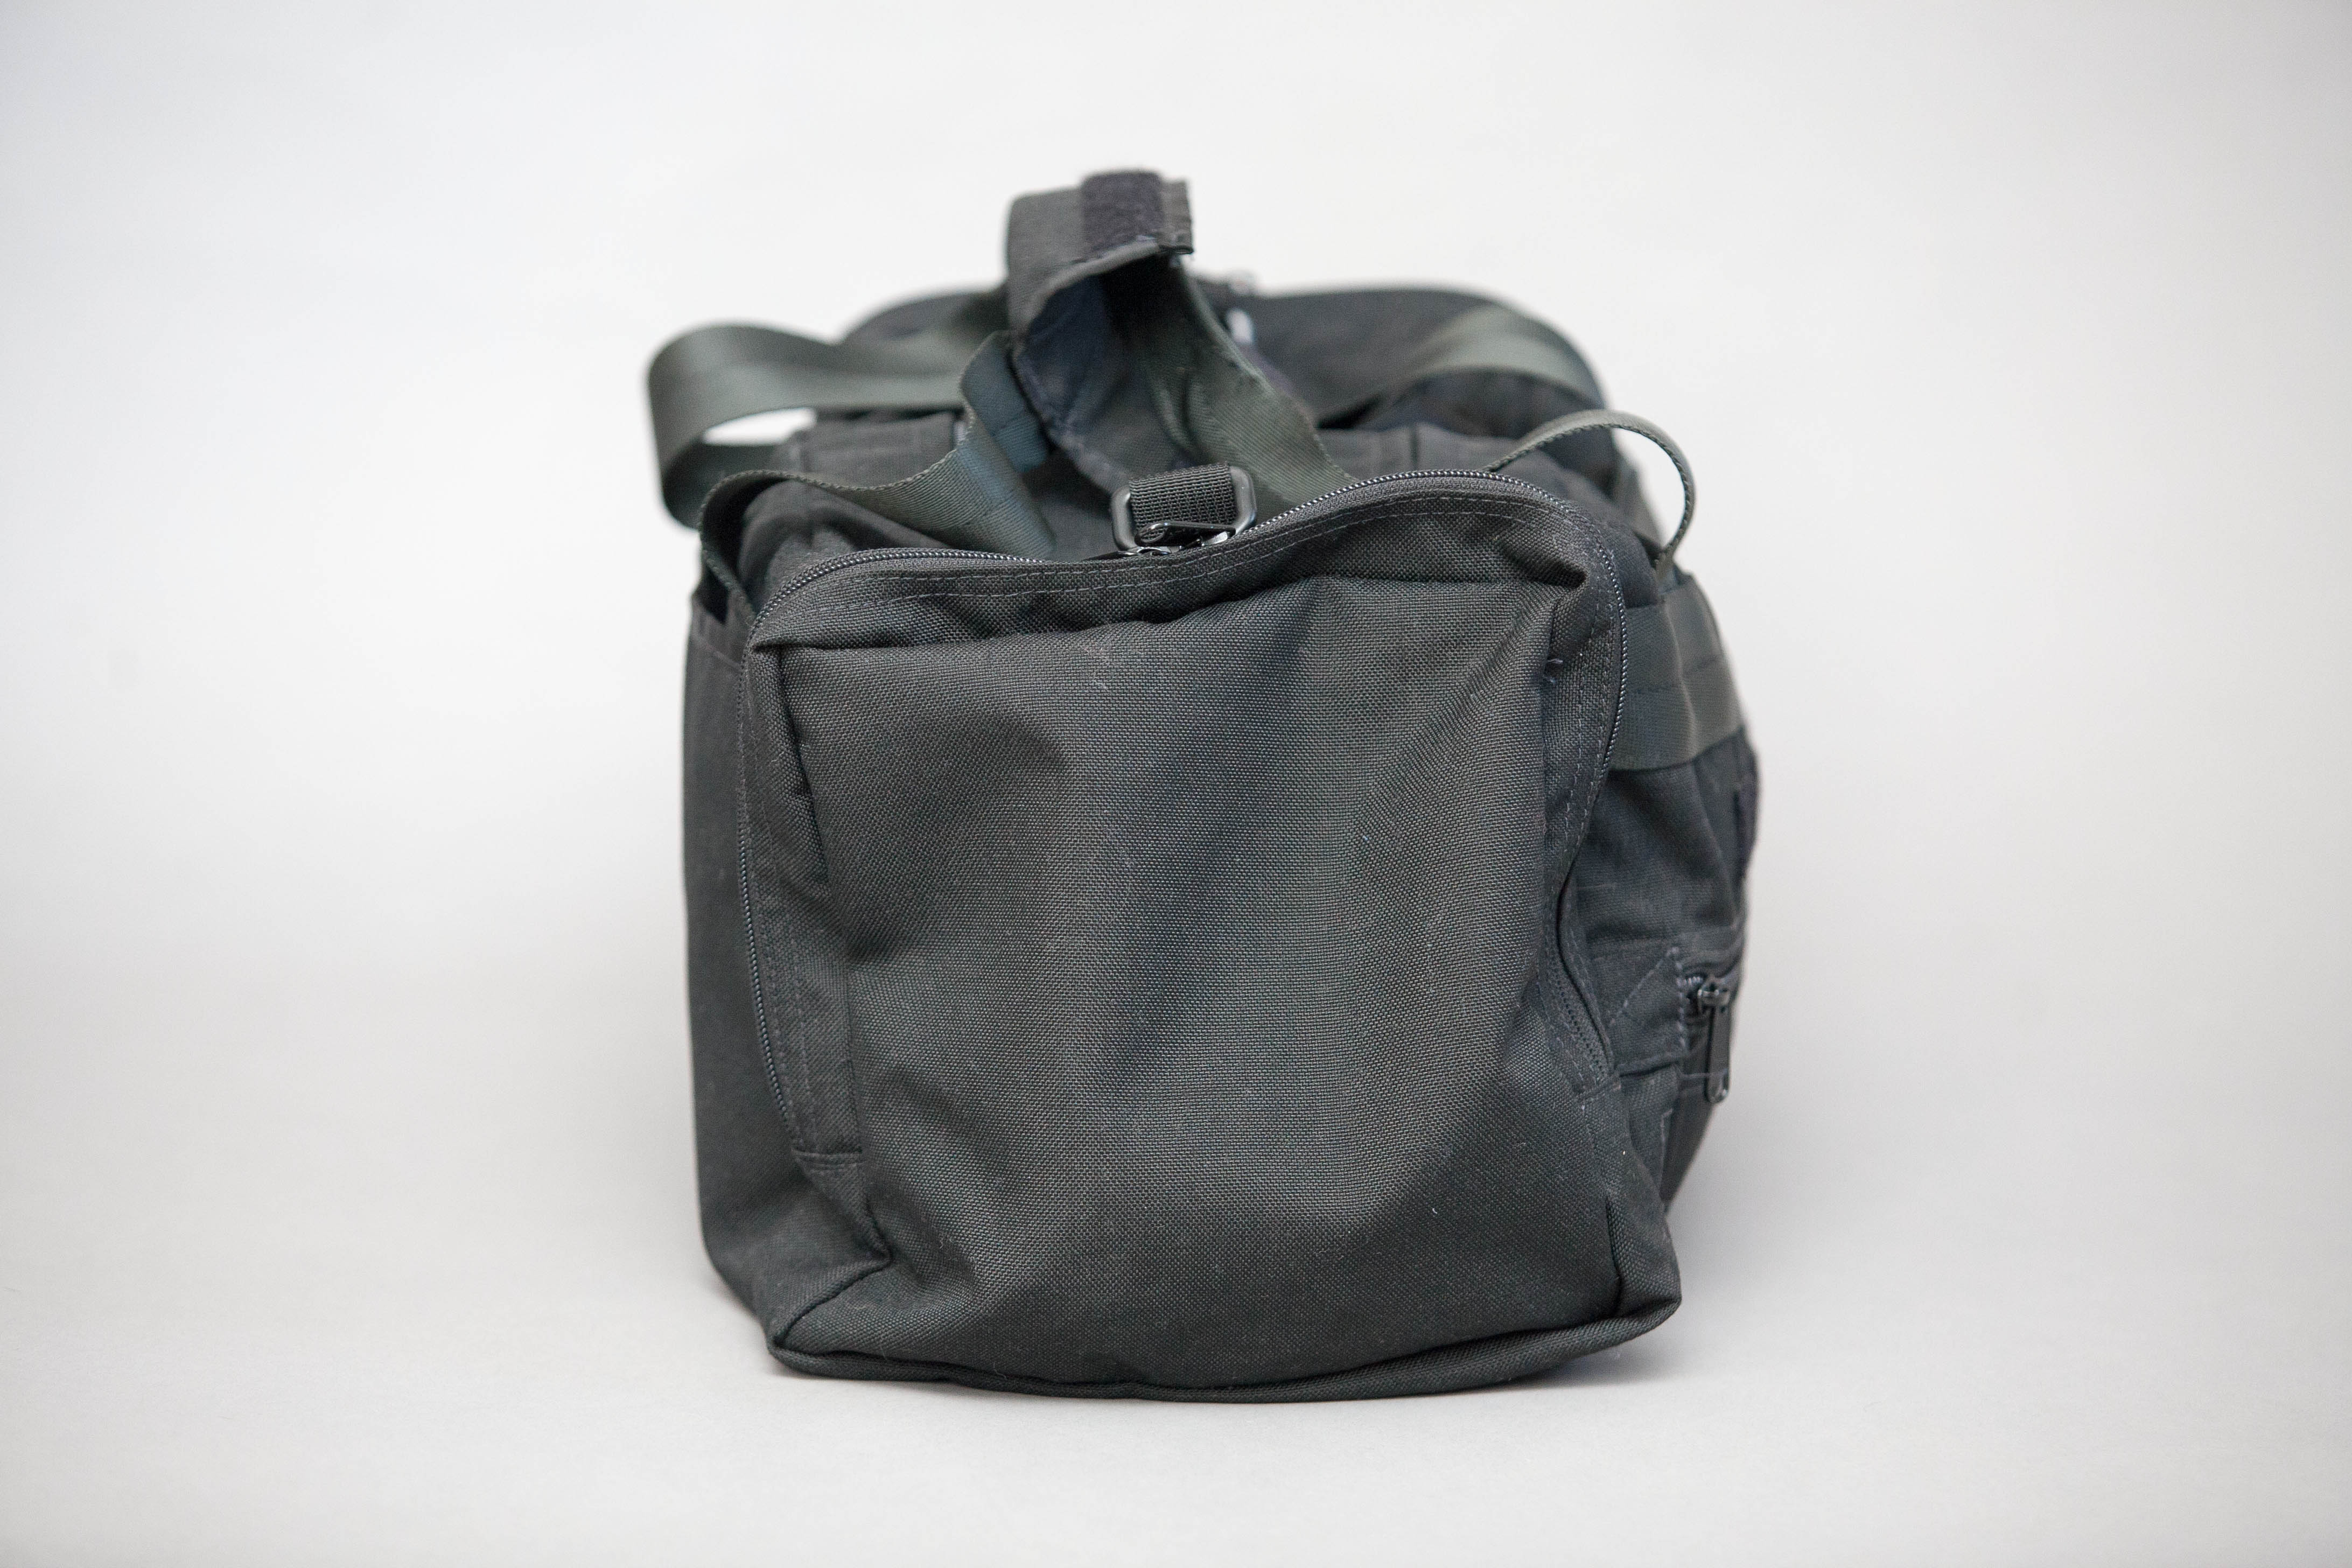 Lynx Defense Pistol Range Bag Left Side